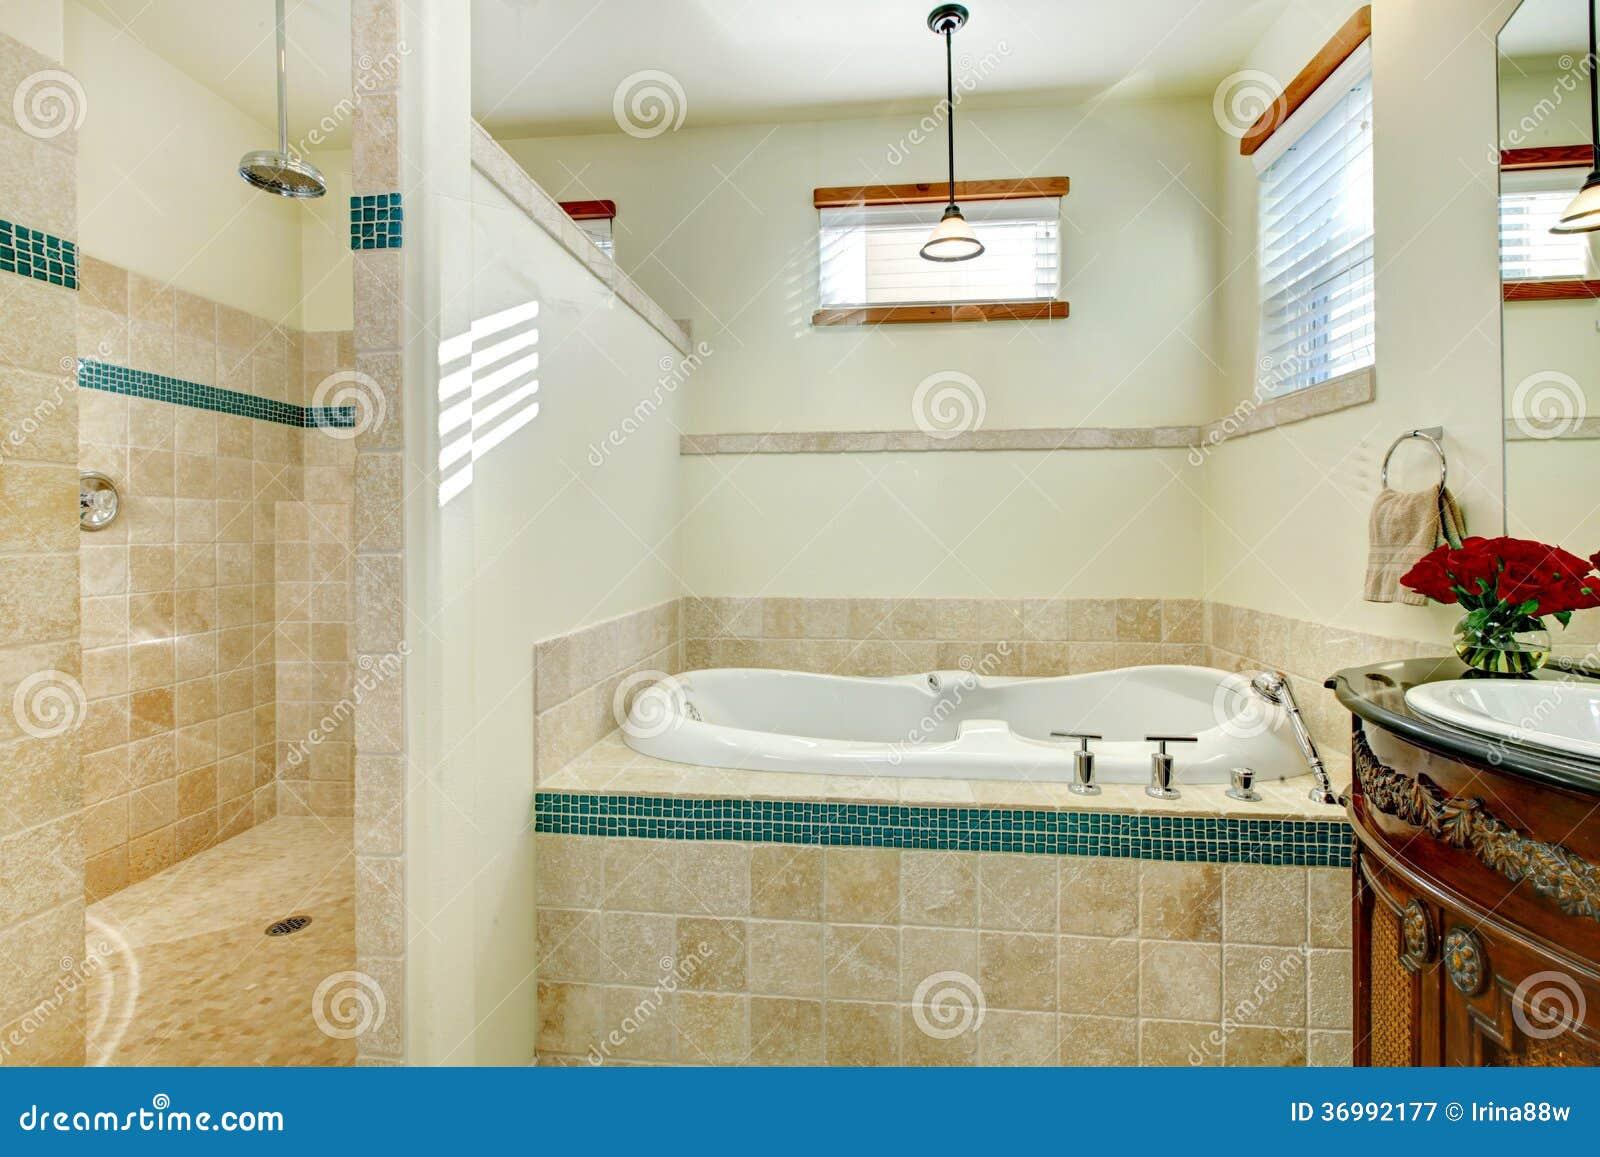 Salle de bains moderne l gante avec un meuble de for Hotel meuble moderno laveno